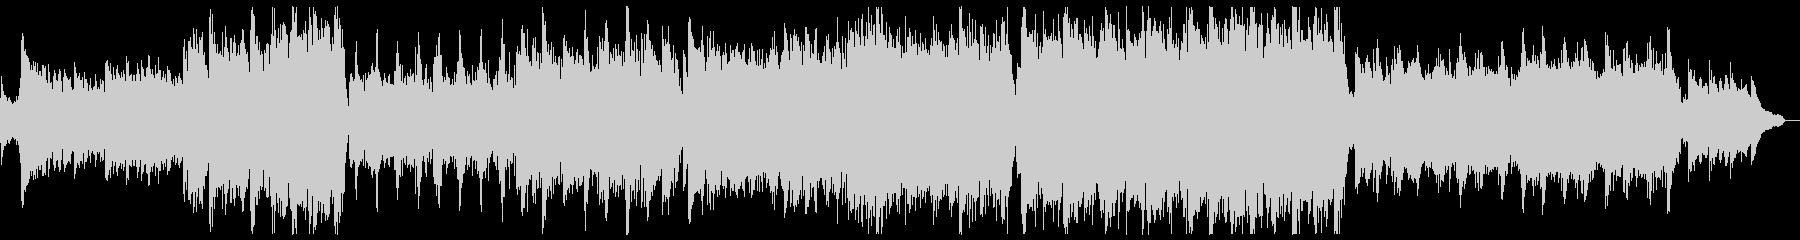 壮大な開幕プレリュードx1回の未再生の波形